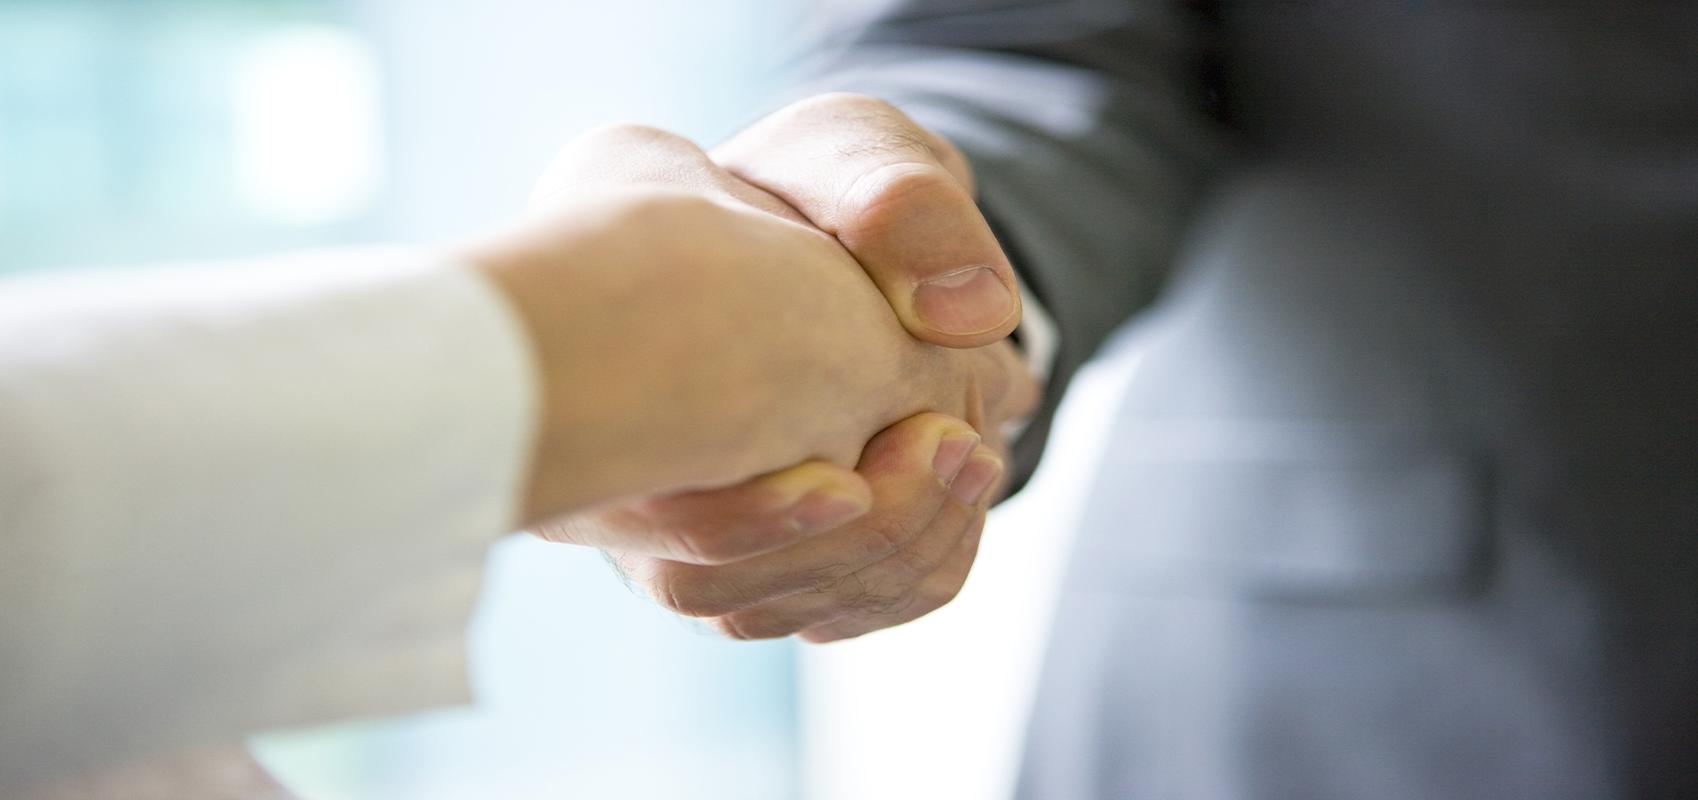 Handshake, canon 1Ds mark III